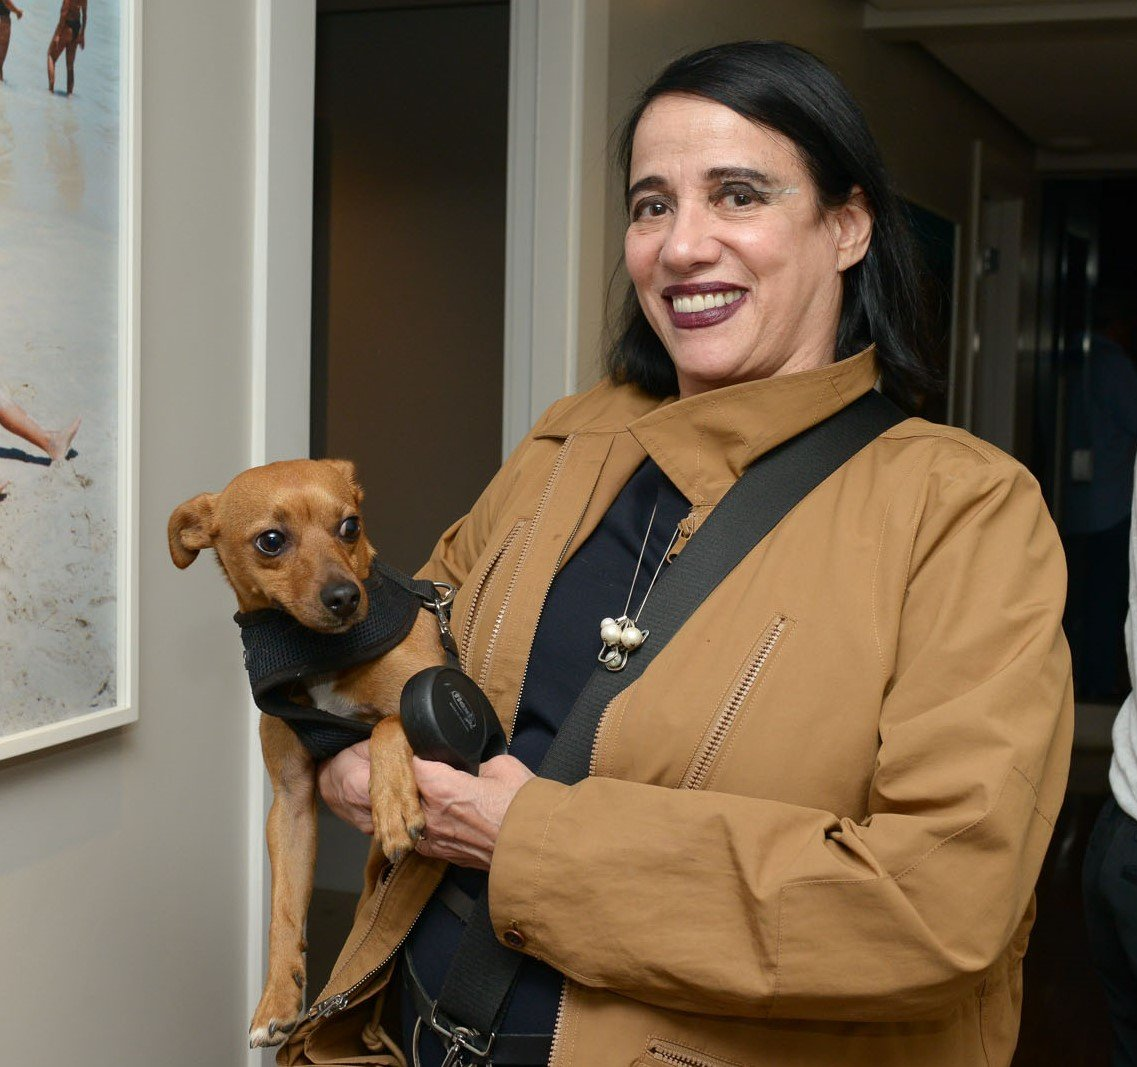 Gloria Coelho e seu cachorrinho Gold  /Foto: Paula Zorzi